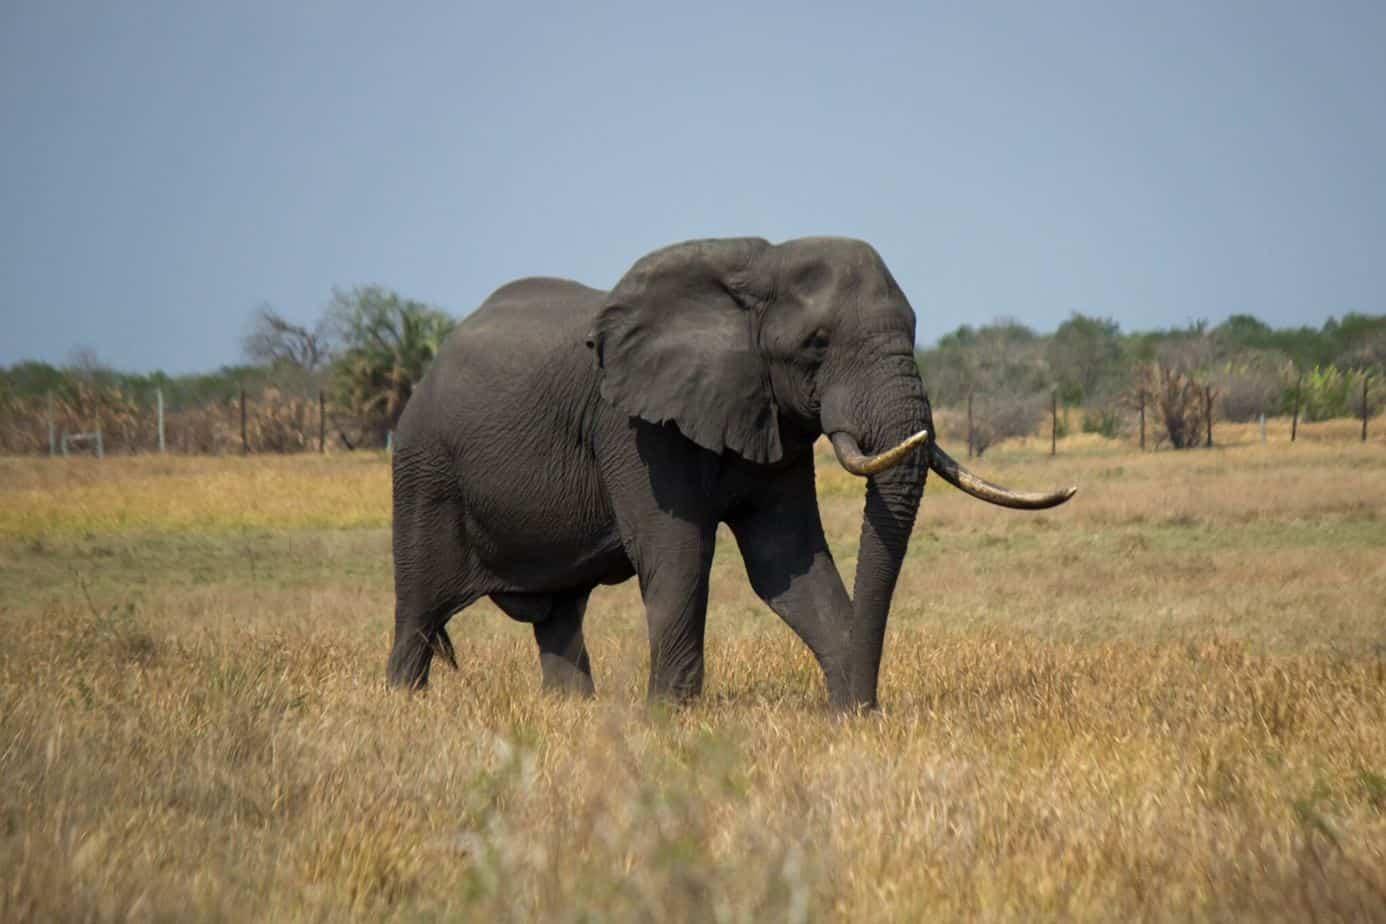 IMG 2149 - Tembe Elephant Park